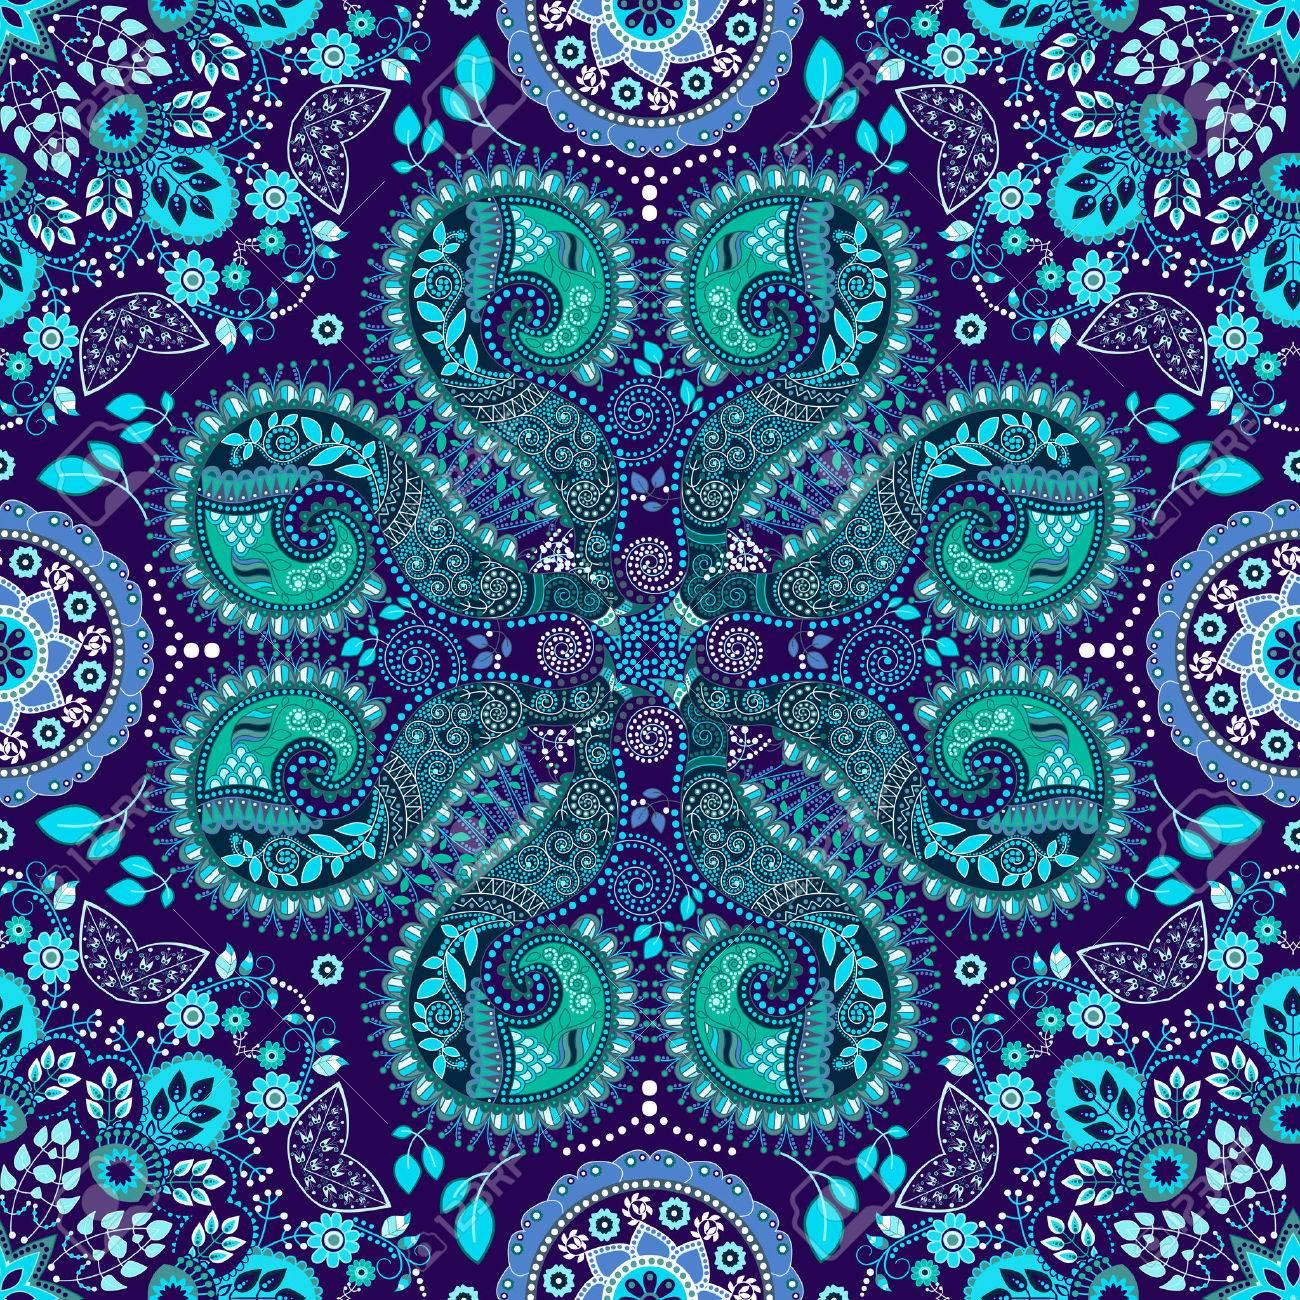 Bleu Seamless Indien Fond D Ecran Fantasy Ornementale Clip Art Libres De Droits Vecteurs Et Illustration Image 45889718